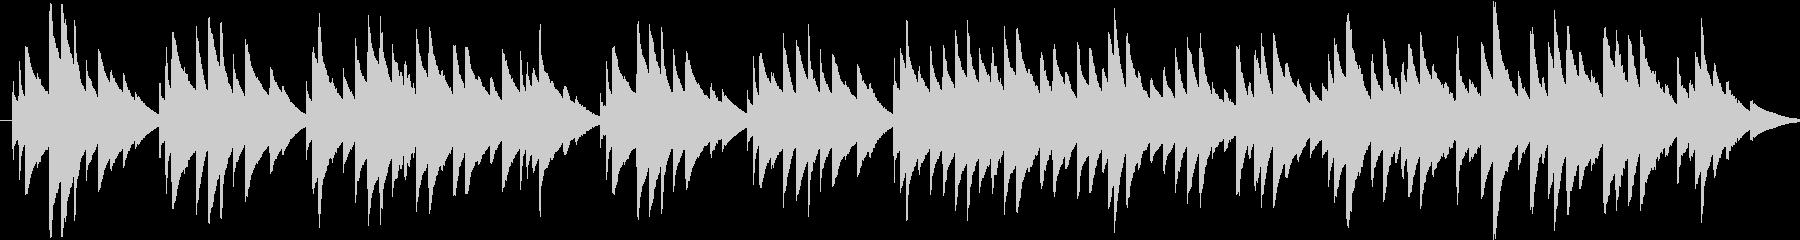 オルゴールの曲で、着信音またはオルゴー…の未再生の波形